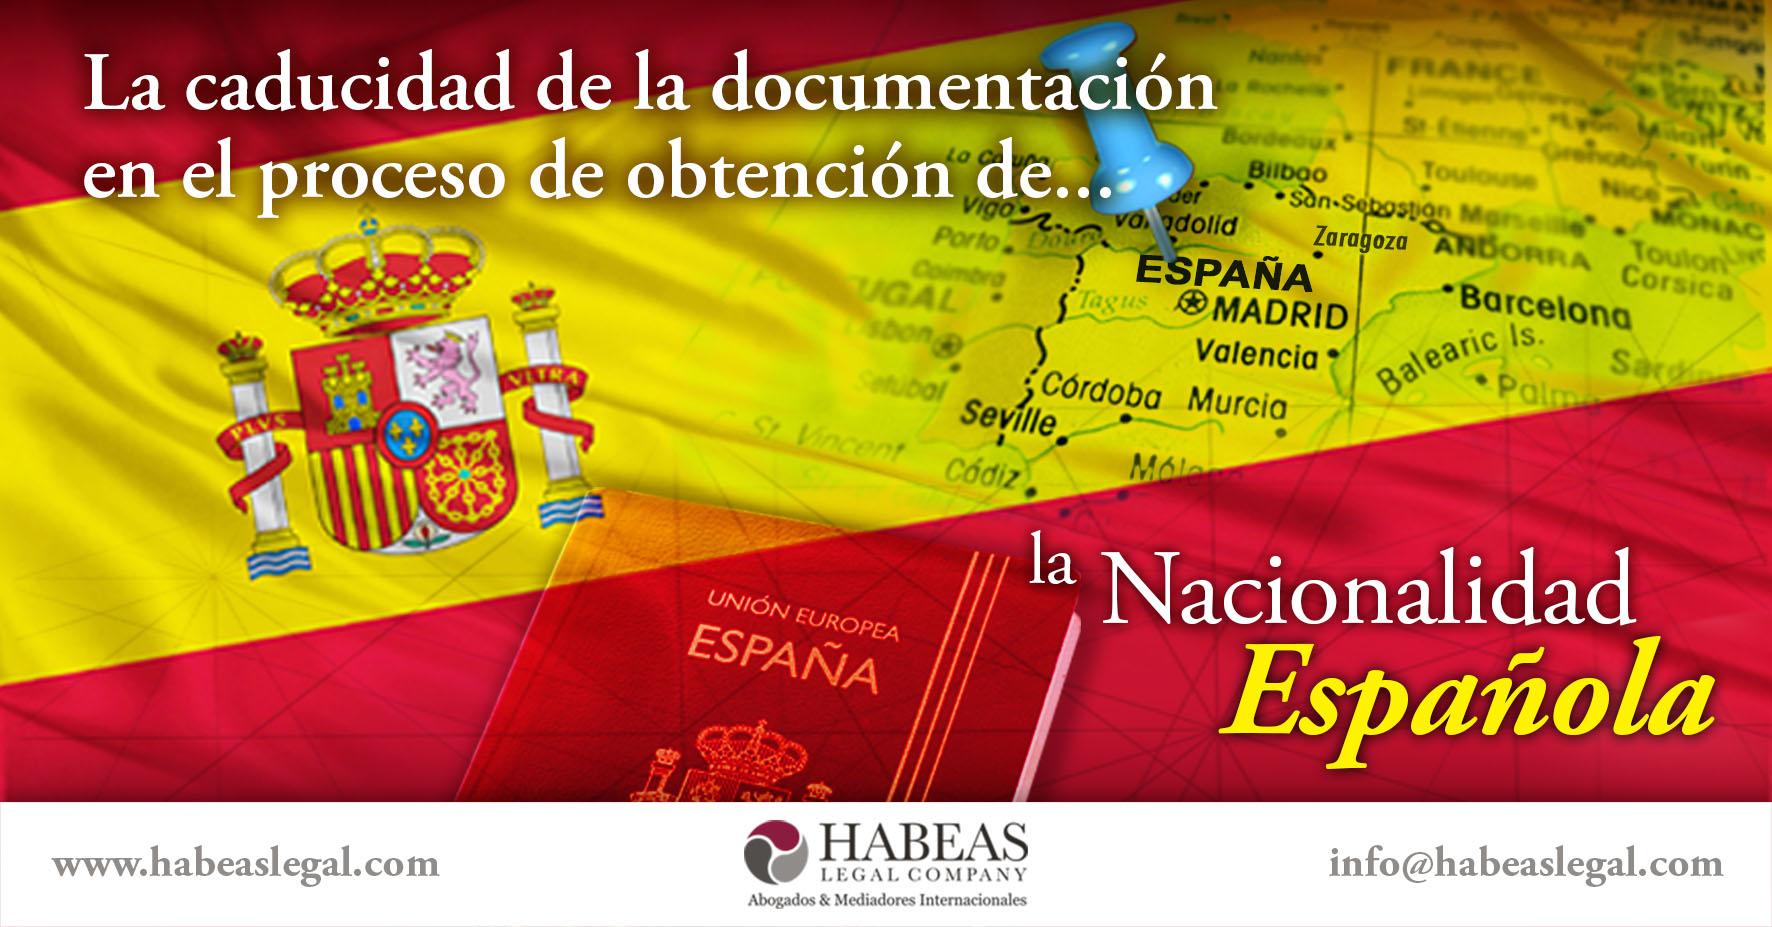 Nacionalidad española caducidad Habeas Legal - ¿Sabes cuál es la importancia de la caducidad de los documentos en el proceso de obtención de la Nacionalidad Española?